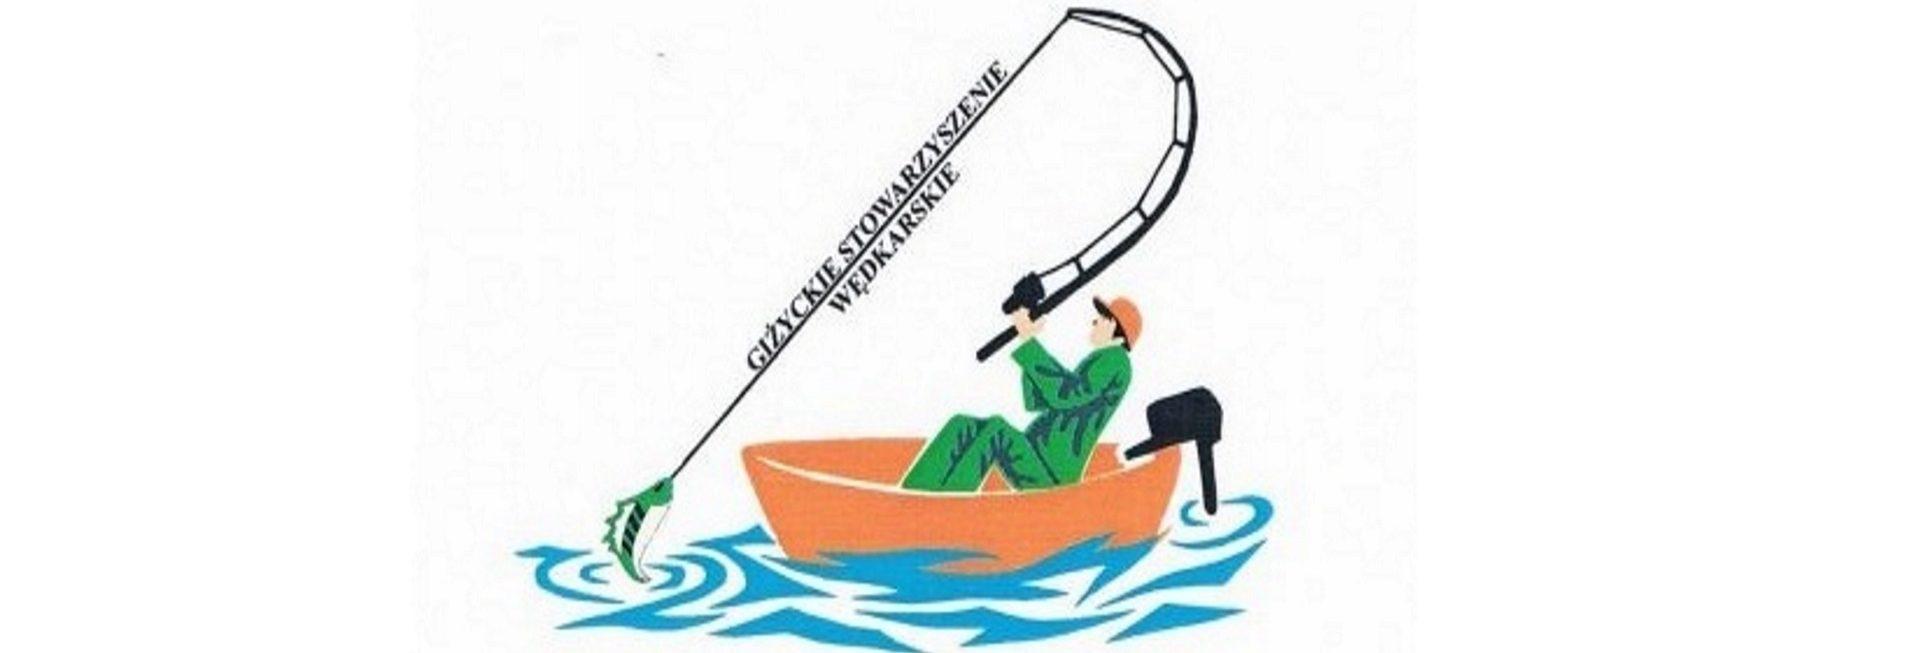 """Zdjęcie, plakat zapraszający do Giżycka na 22. edycję Zawodów Wędkarskich """"Drapieżnik"""" - Giżycko 2020. Grafika przedstawia wędkarza na łódce podczas łowienia ryb."""